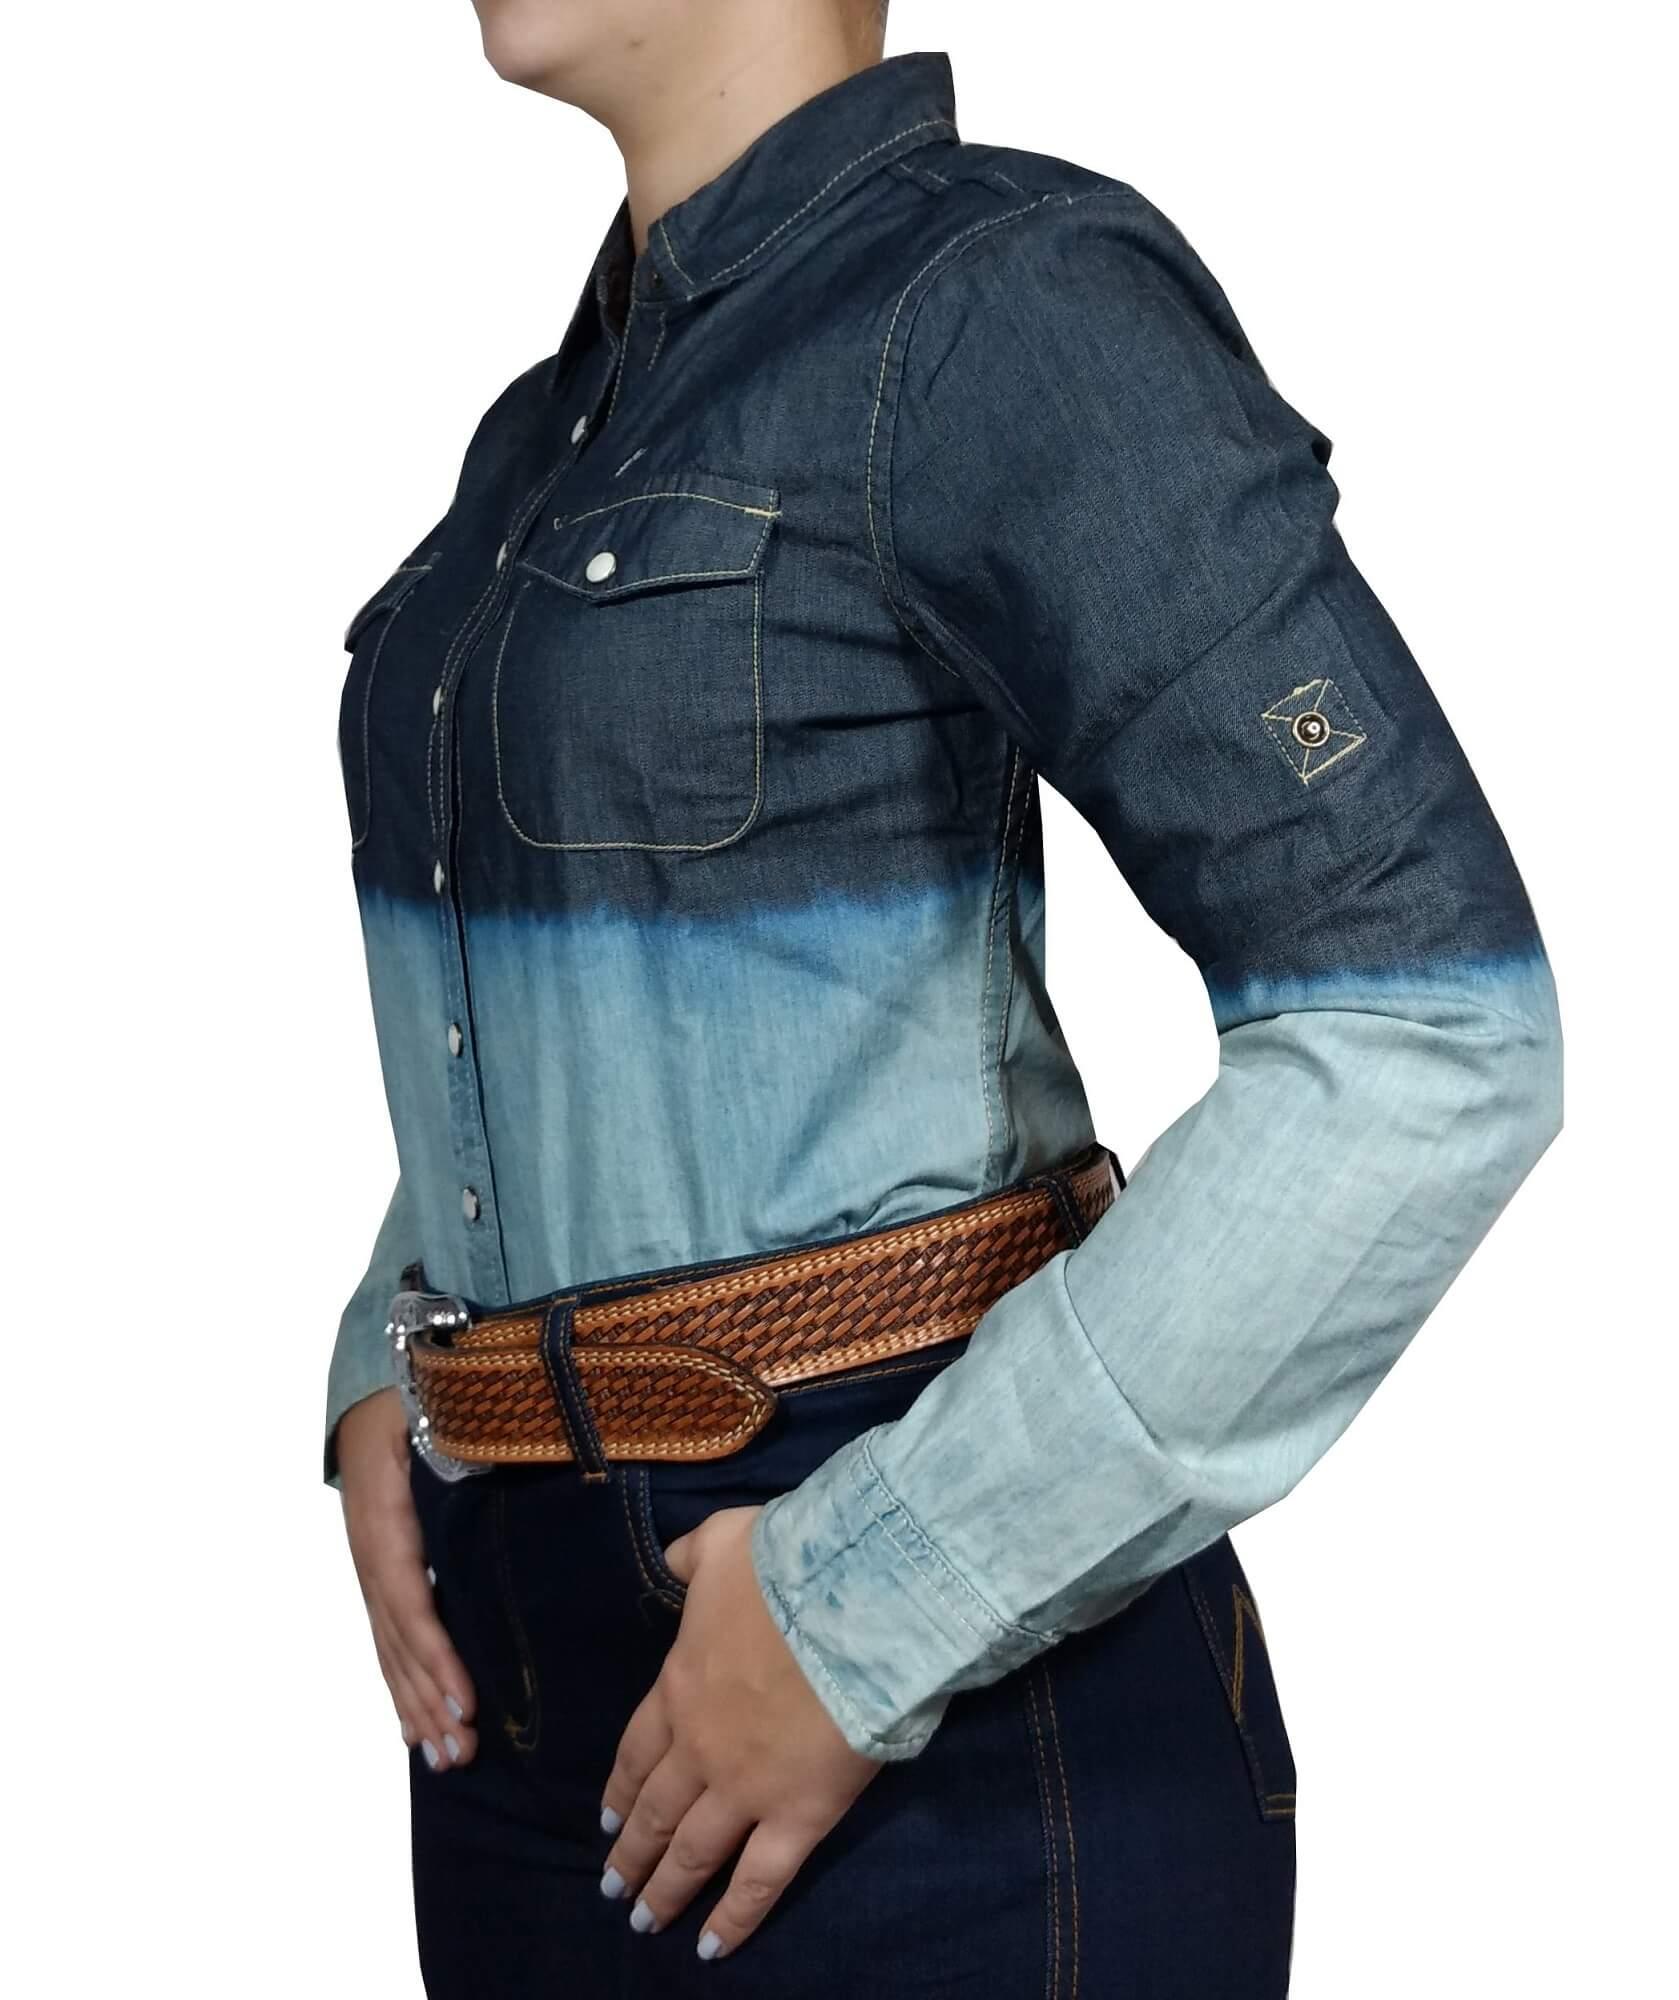 Camisa Feminina Dock's Jeans Ref. 599 32.1221.161.62